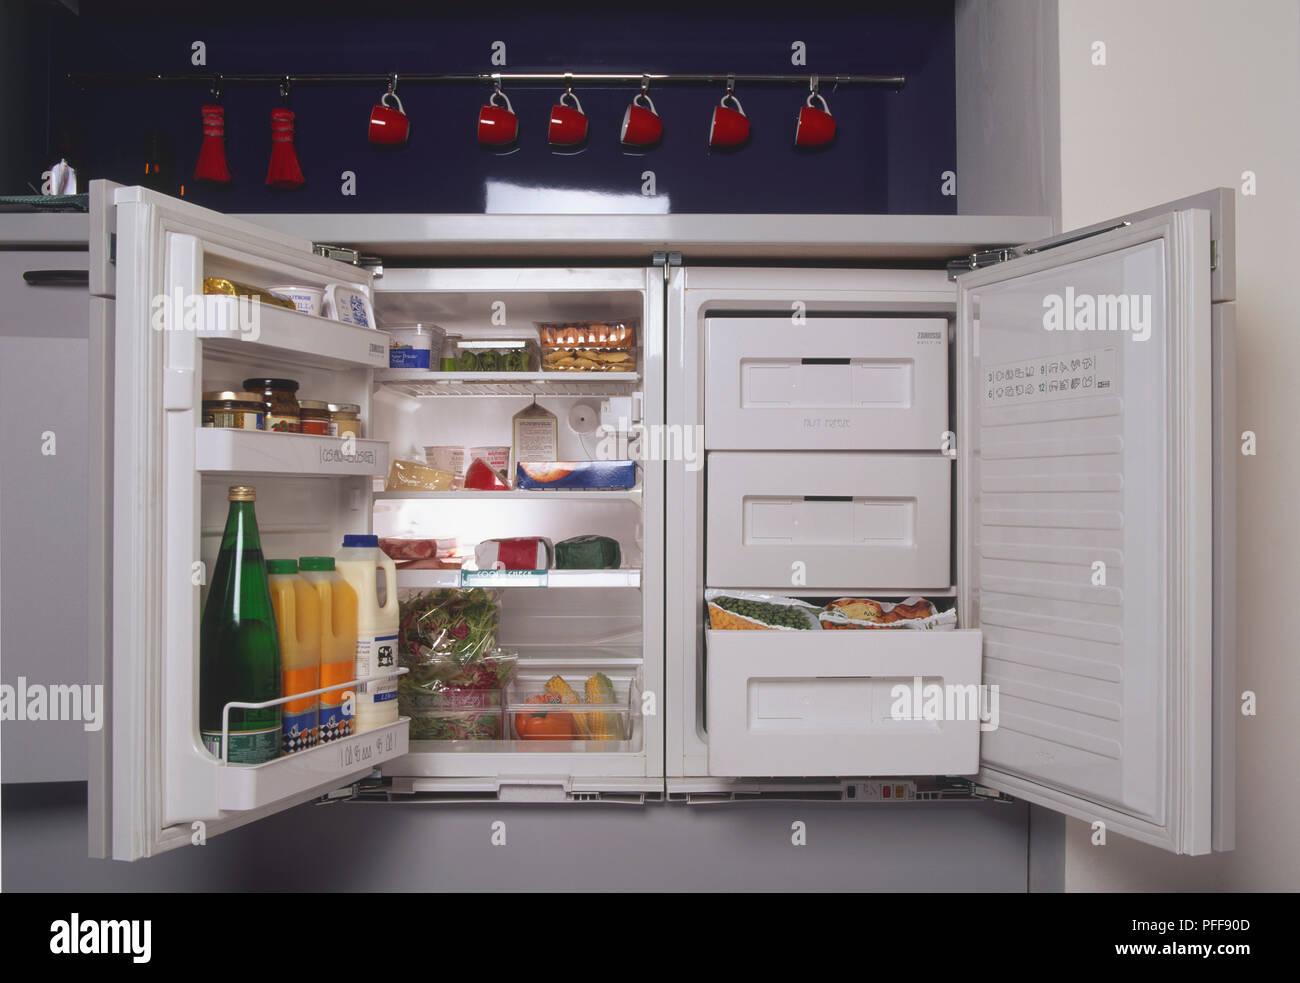 Interno di un piccolo frigo-congelatore Foto & Immagine ...